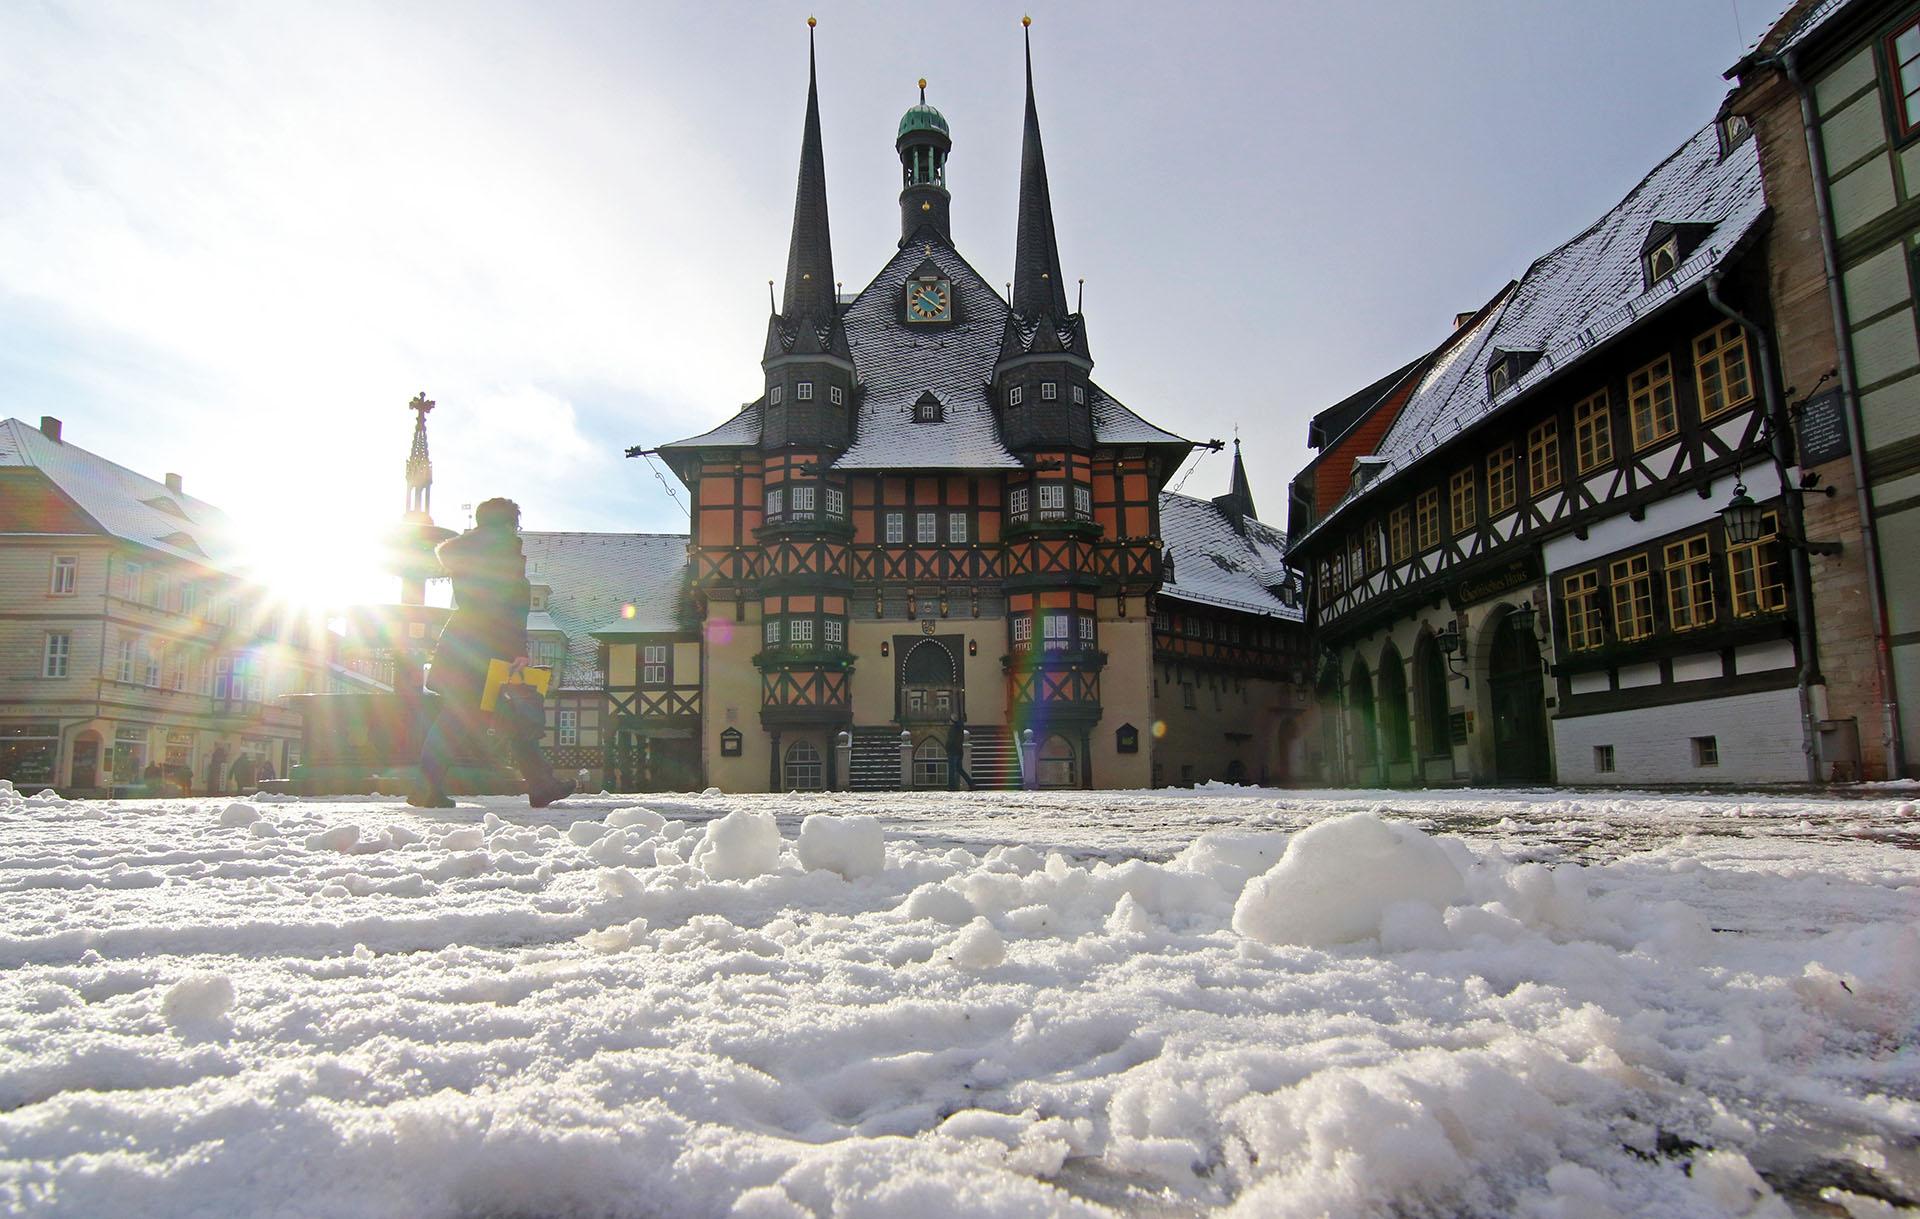 La nieve cubre el mercado y el ayuntamiento de Wernigerode en la región de Harz, Alemania central, el 17 de enero de 2018 (AFP)